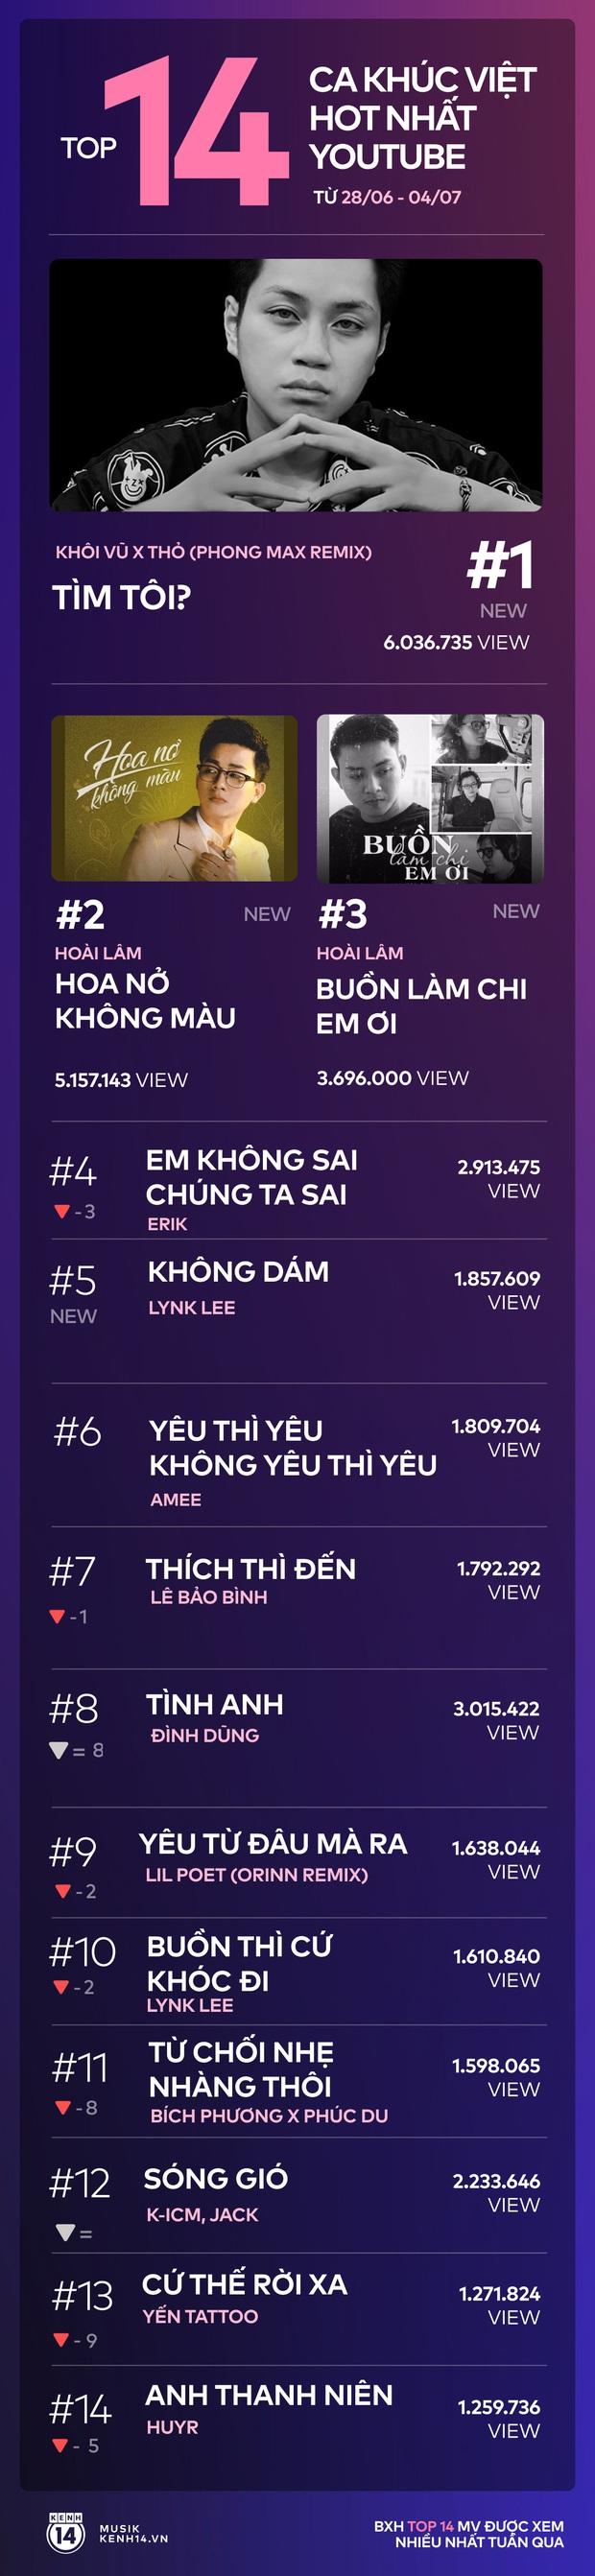 14 ca khúc Việt hot nhất YouTube tuần: chuỗi ngôi vương của Erik bị phá vỡ bởi Hoài Lâm và nhạc remix, bài cũ Lynk Lee vào top! - Ảnh 14.